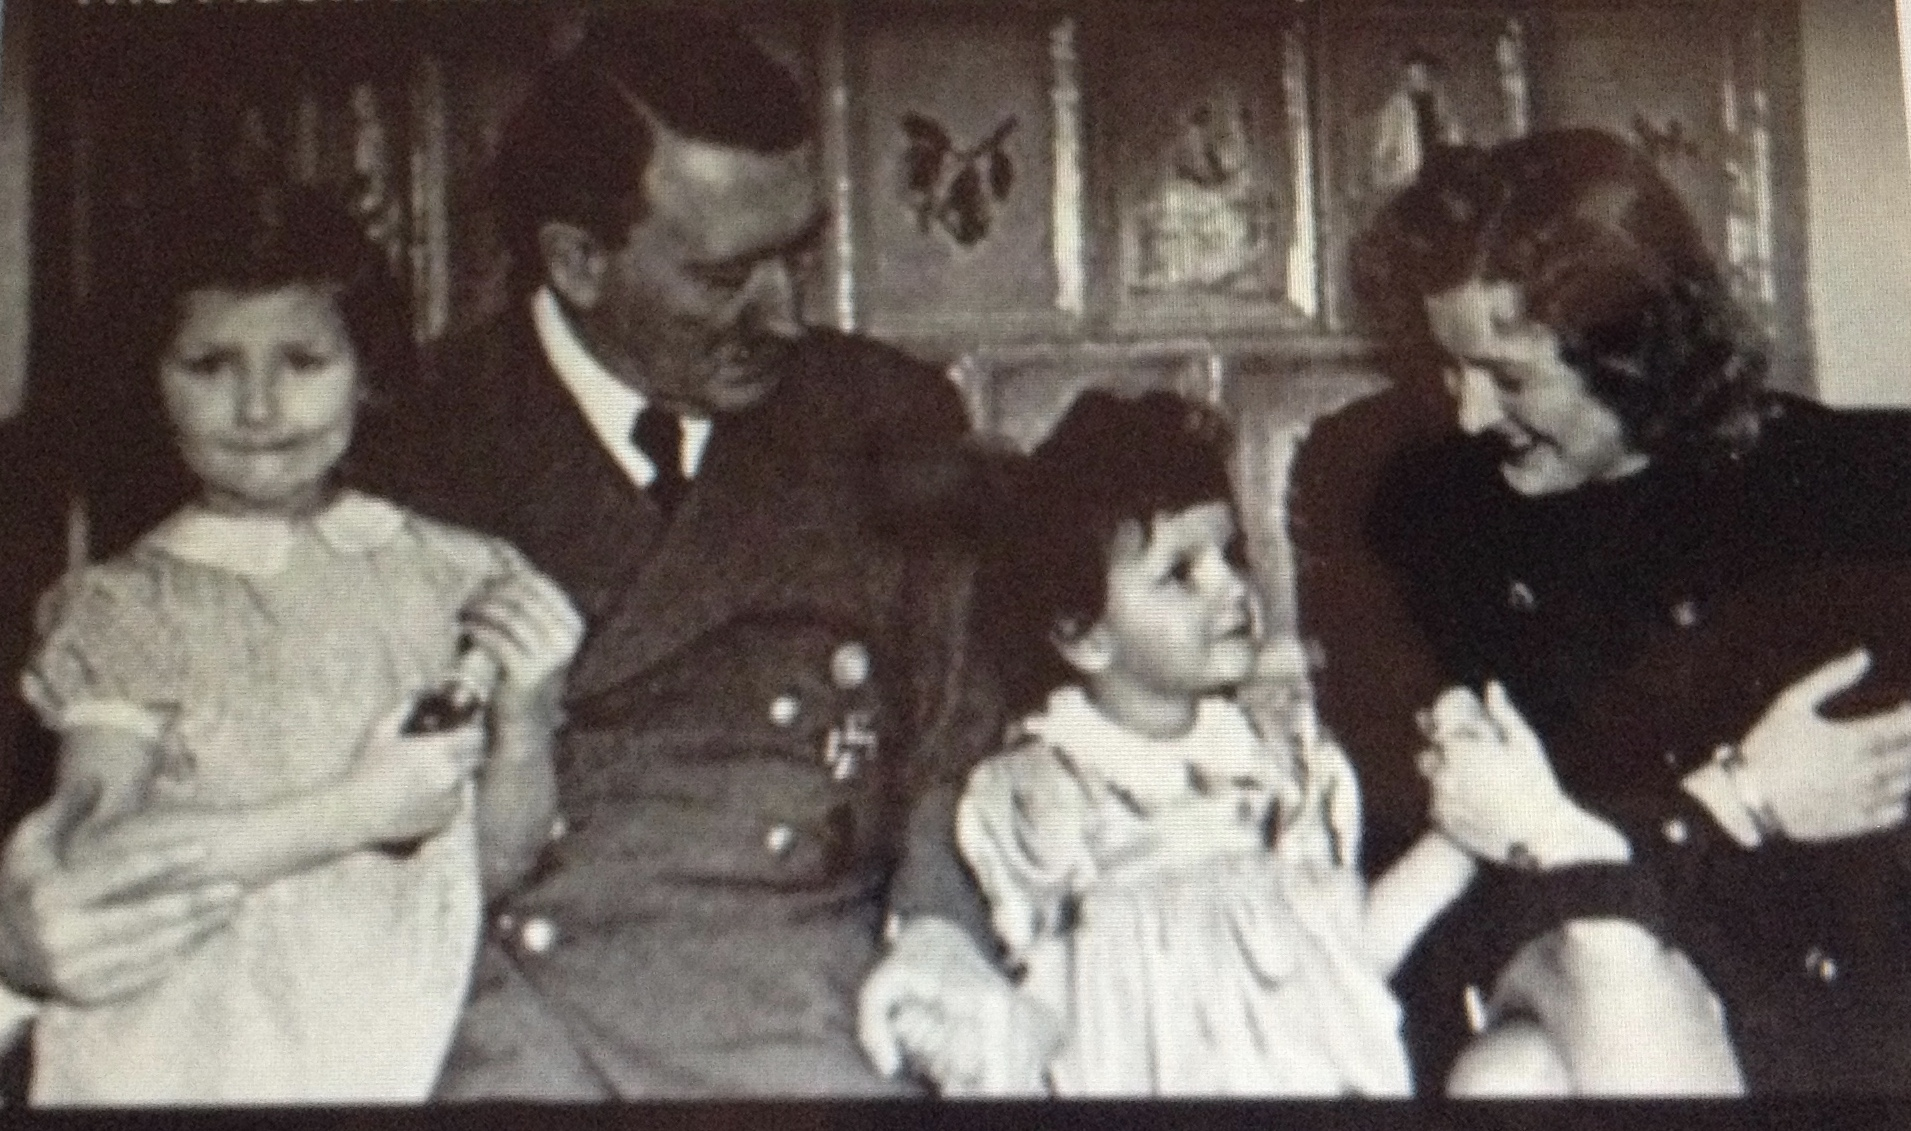 Ребенок Гитлера / Глобальный еврейский онлайн